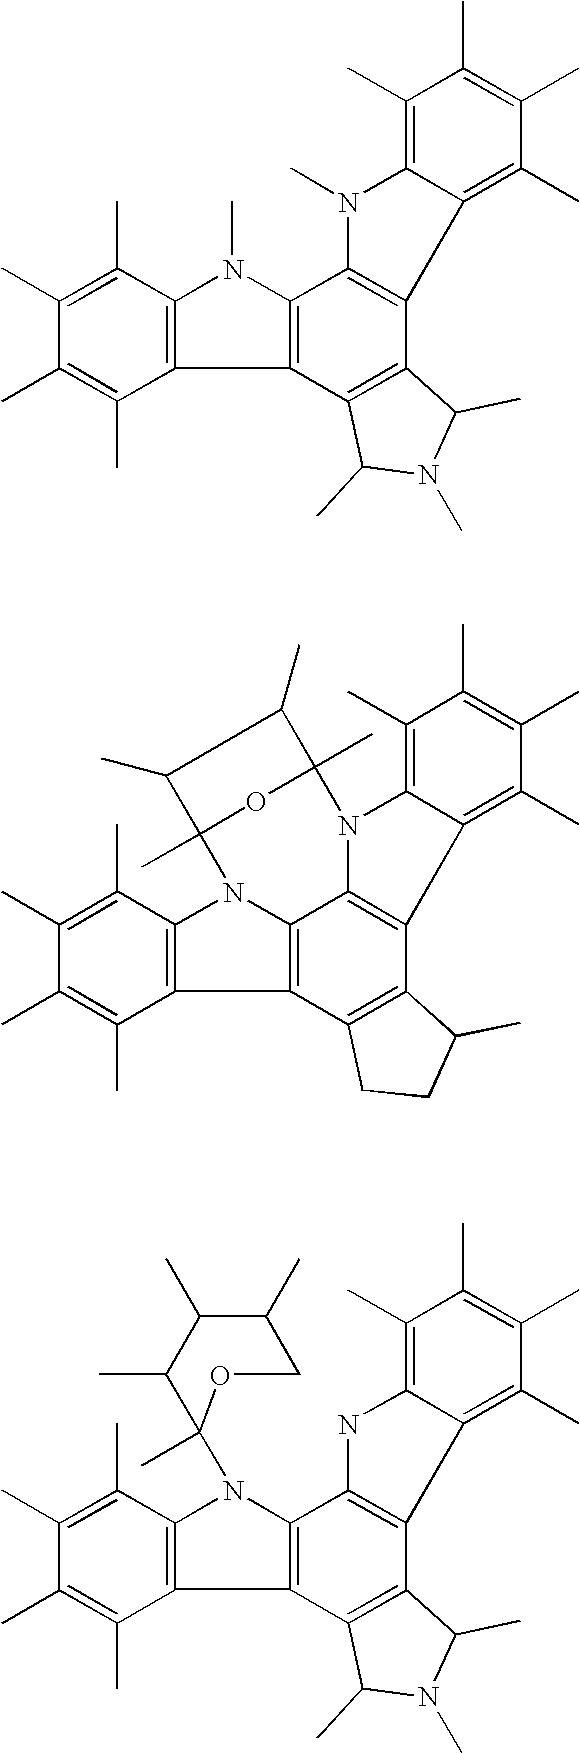 Figure US20050129775A1-20050616-C00002